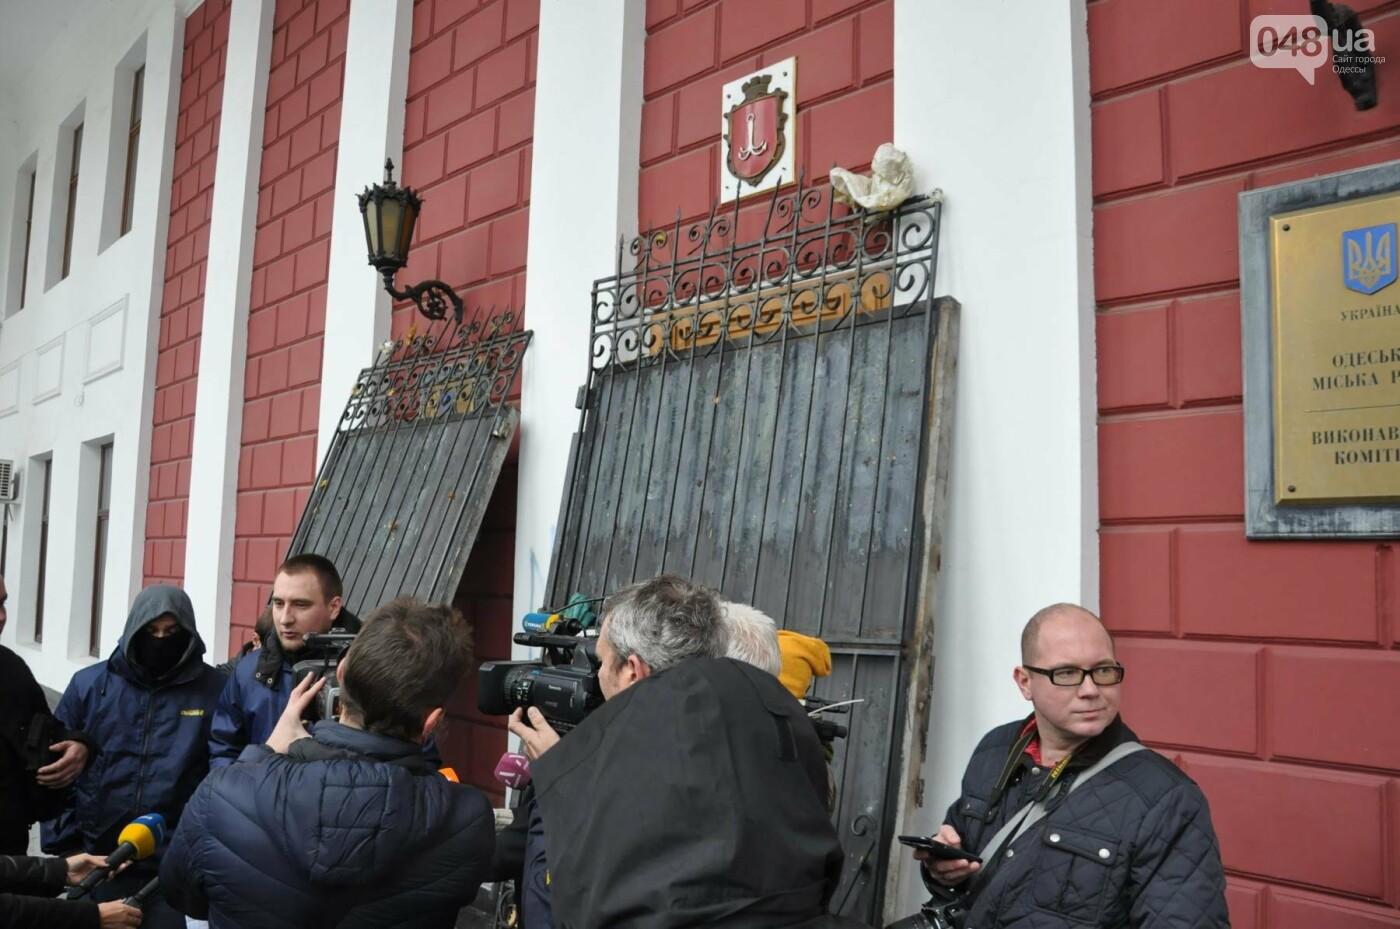 Мэрию Одессы основательно заблокировали: Как это было (ФОТО, ВИДЕО), фото-1